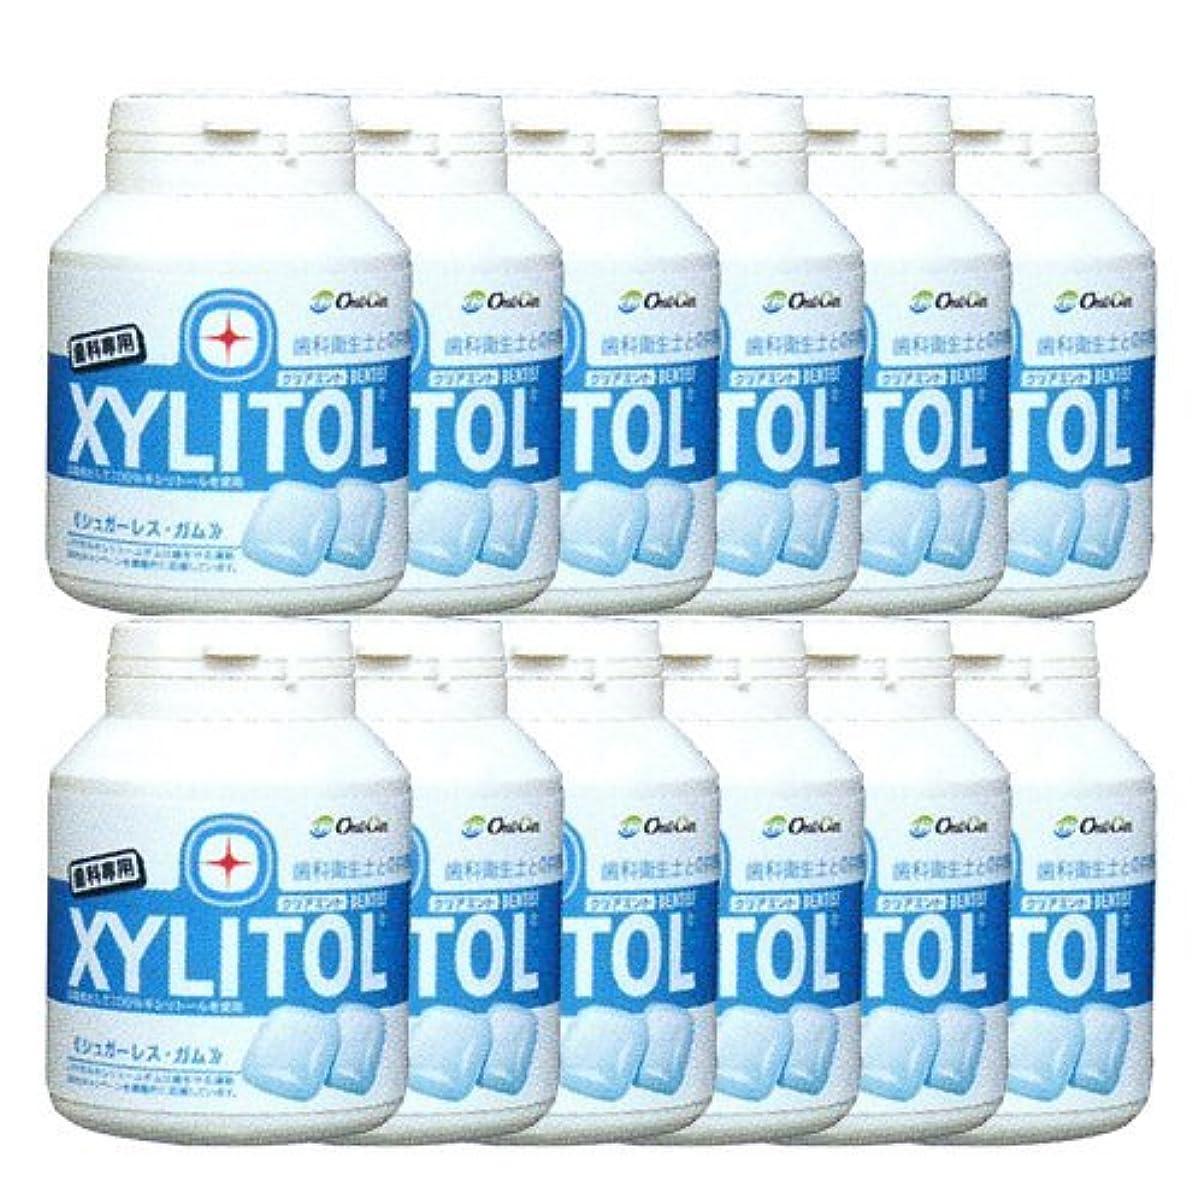 気付くずるい赤面歯科専売品 キシリトール ガム ボトル タイプ 90粒×12本 クリアミント キシリトール 100%